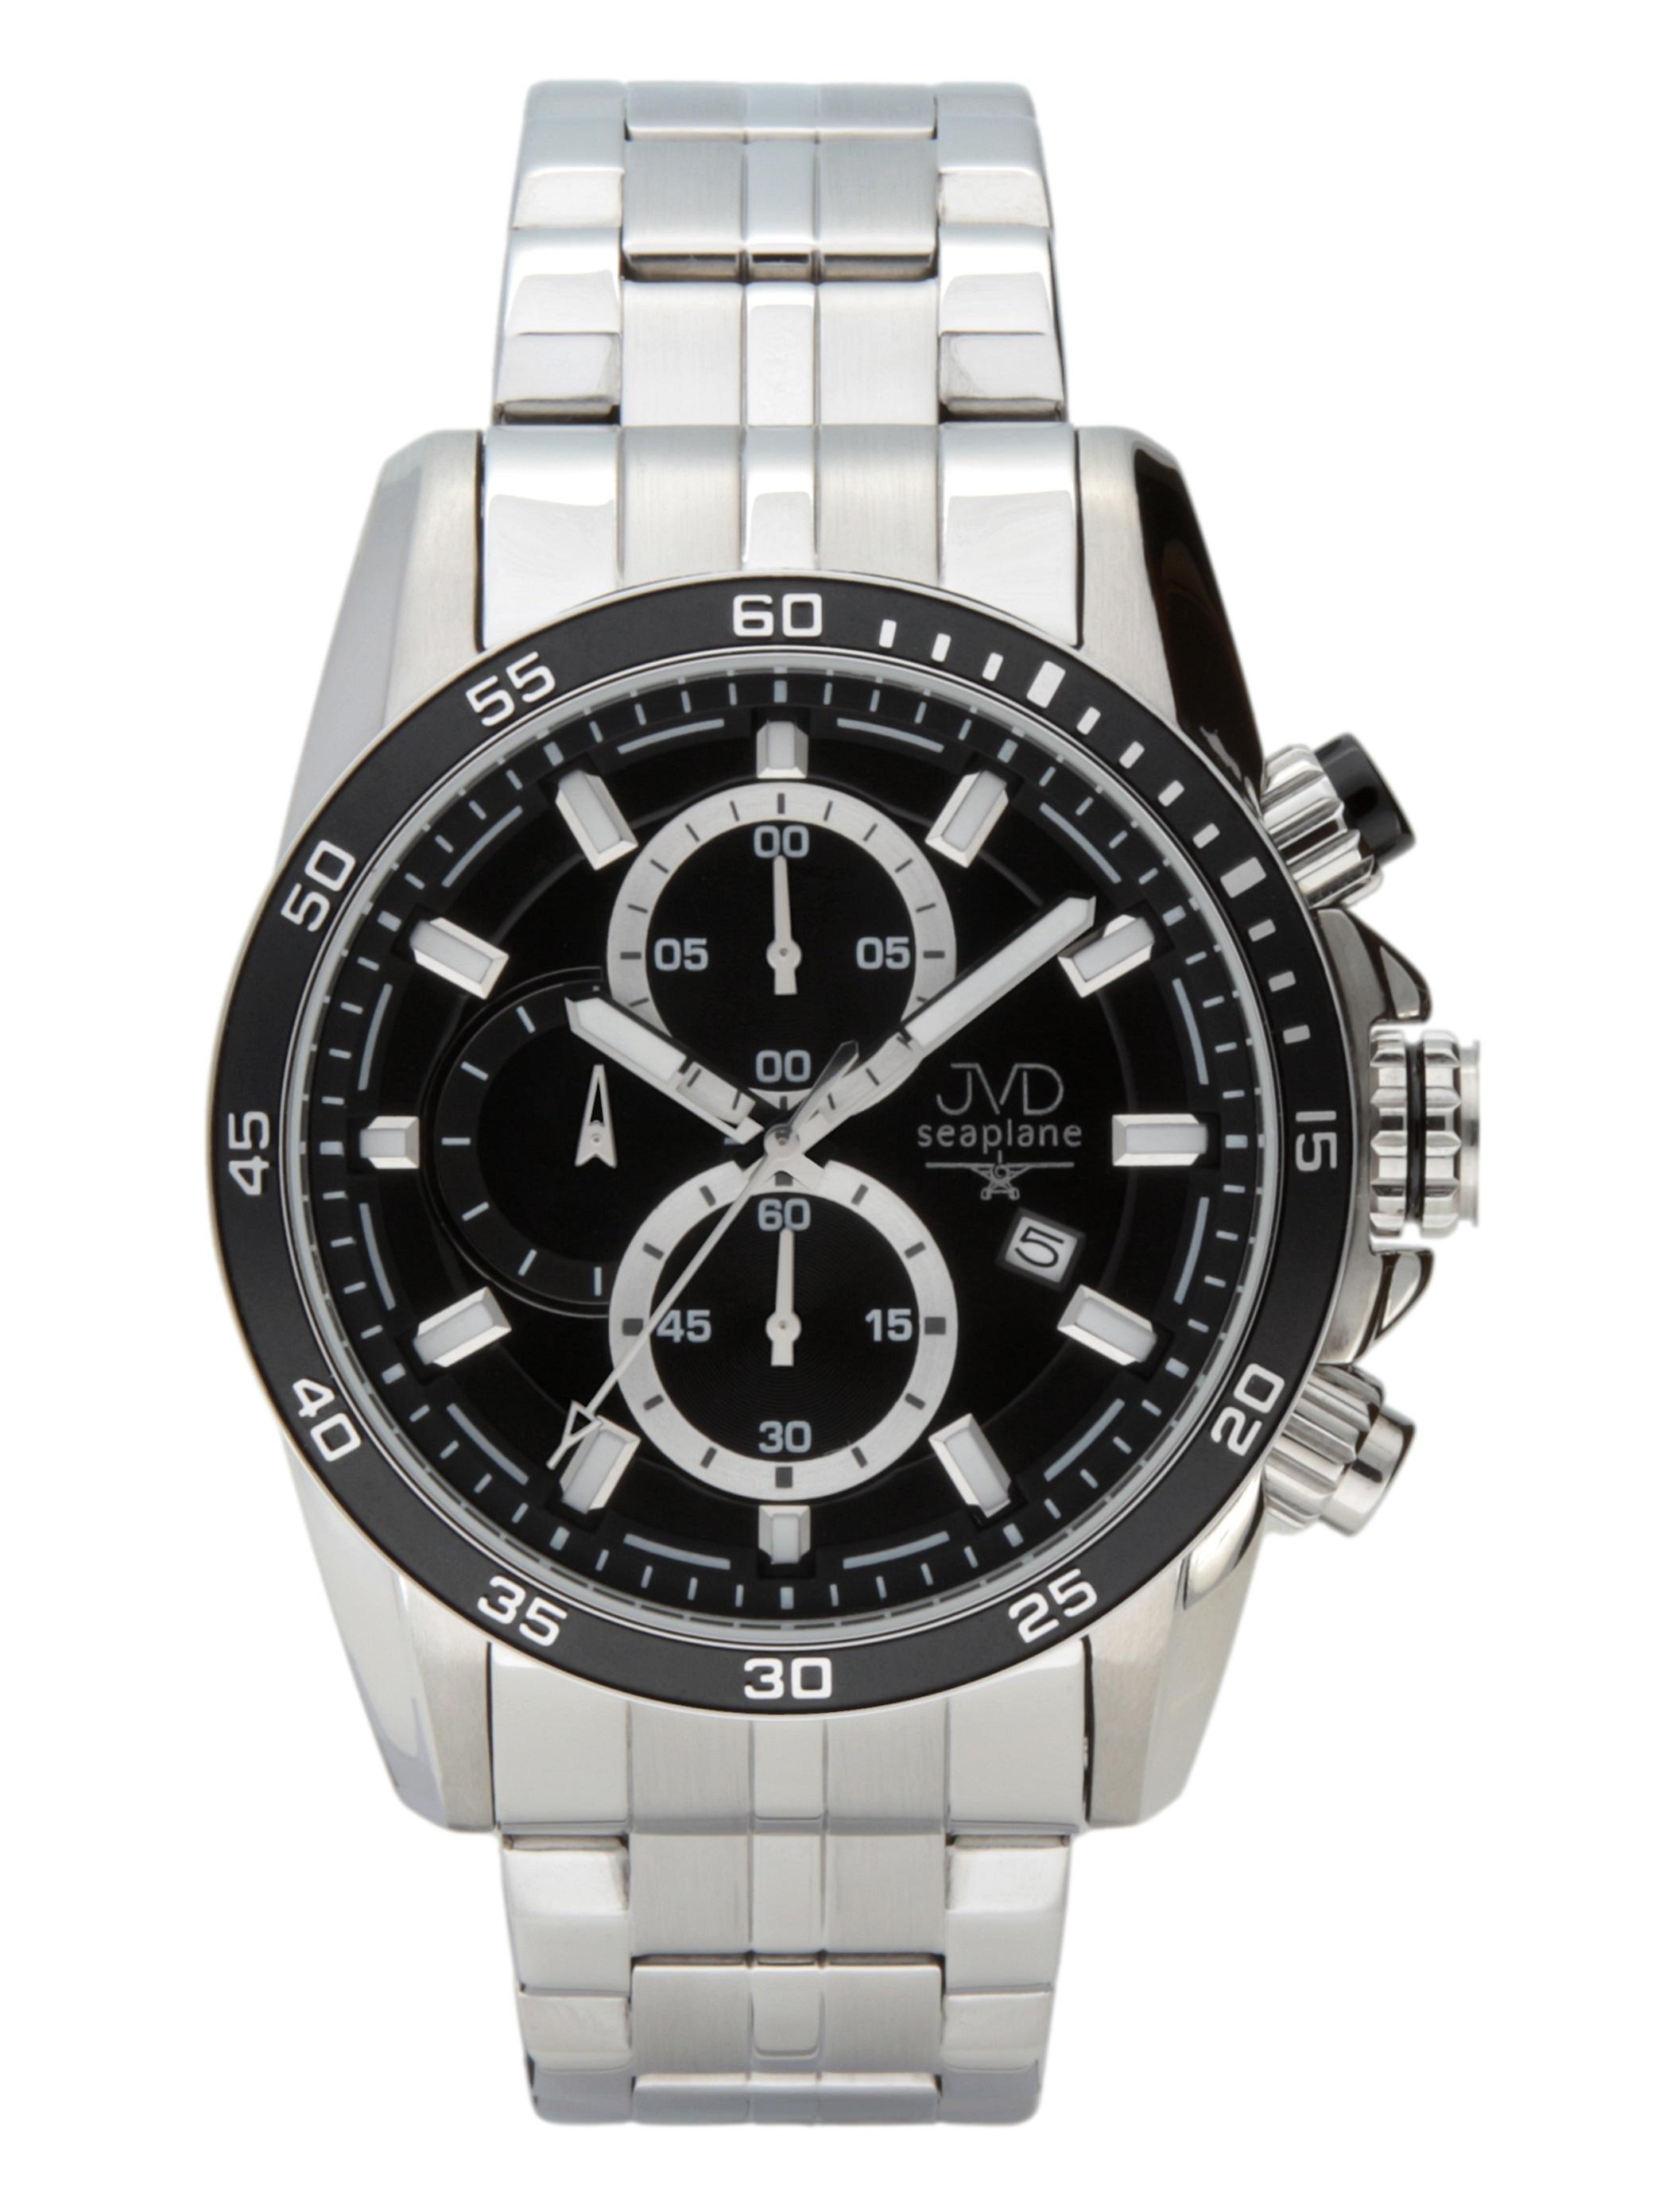 Luxusní pánský ocelový chronograf hodinky JVD seaplane W70.1 10ATM  vodotěsné POŠTOVNÉ ZDARMA! 3d7b4f392a2